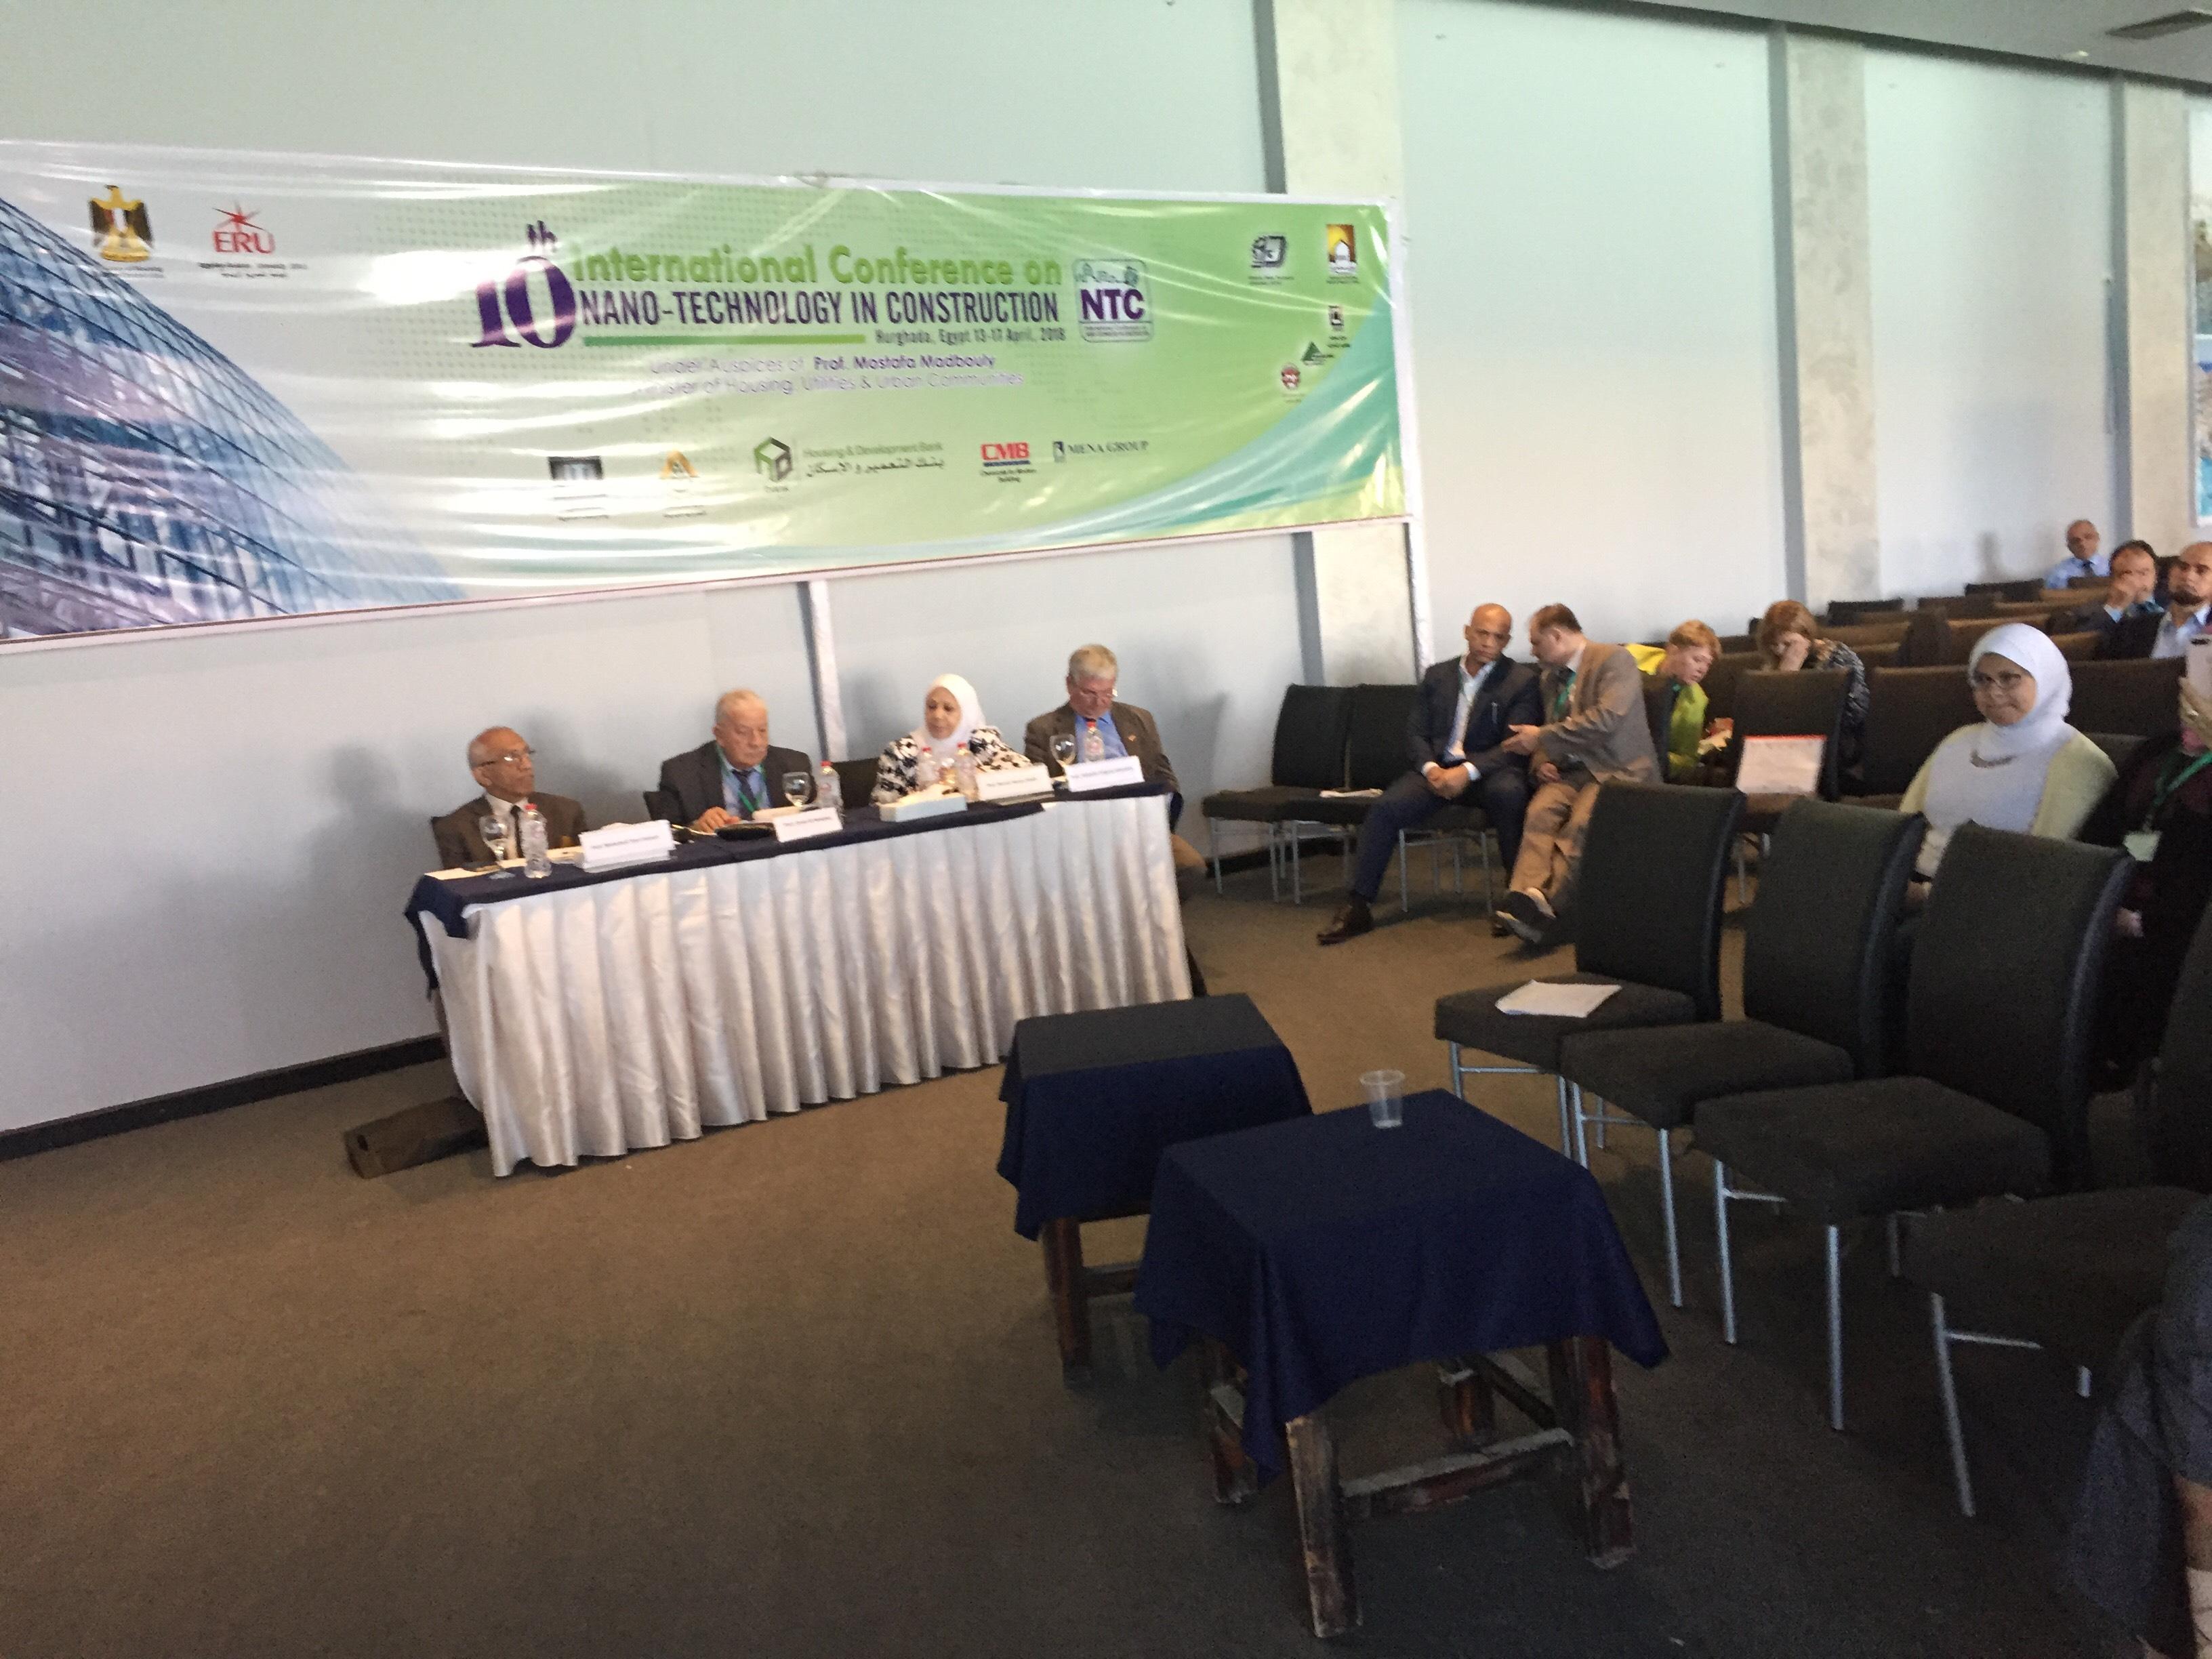 للمؤتمر الدولى العاشر لتكنولوجيا النانو